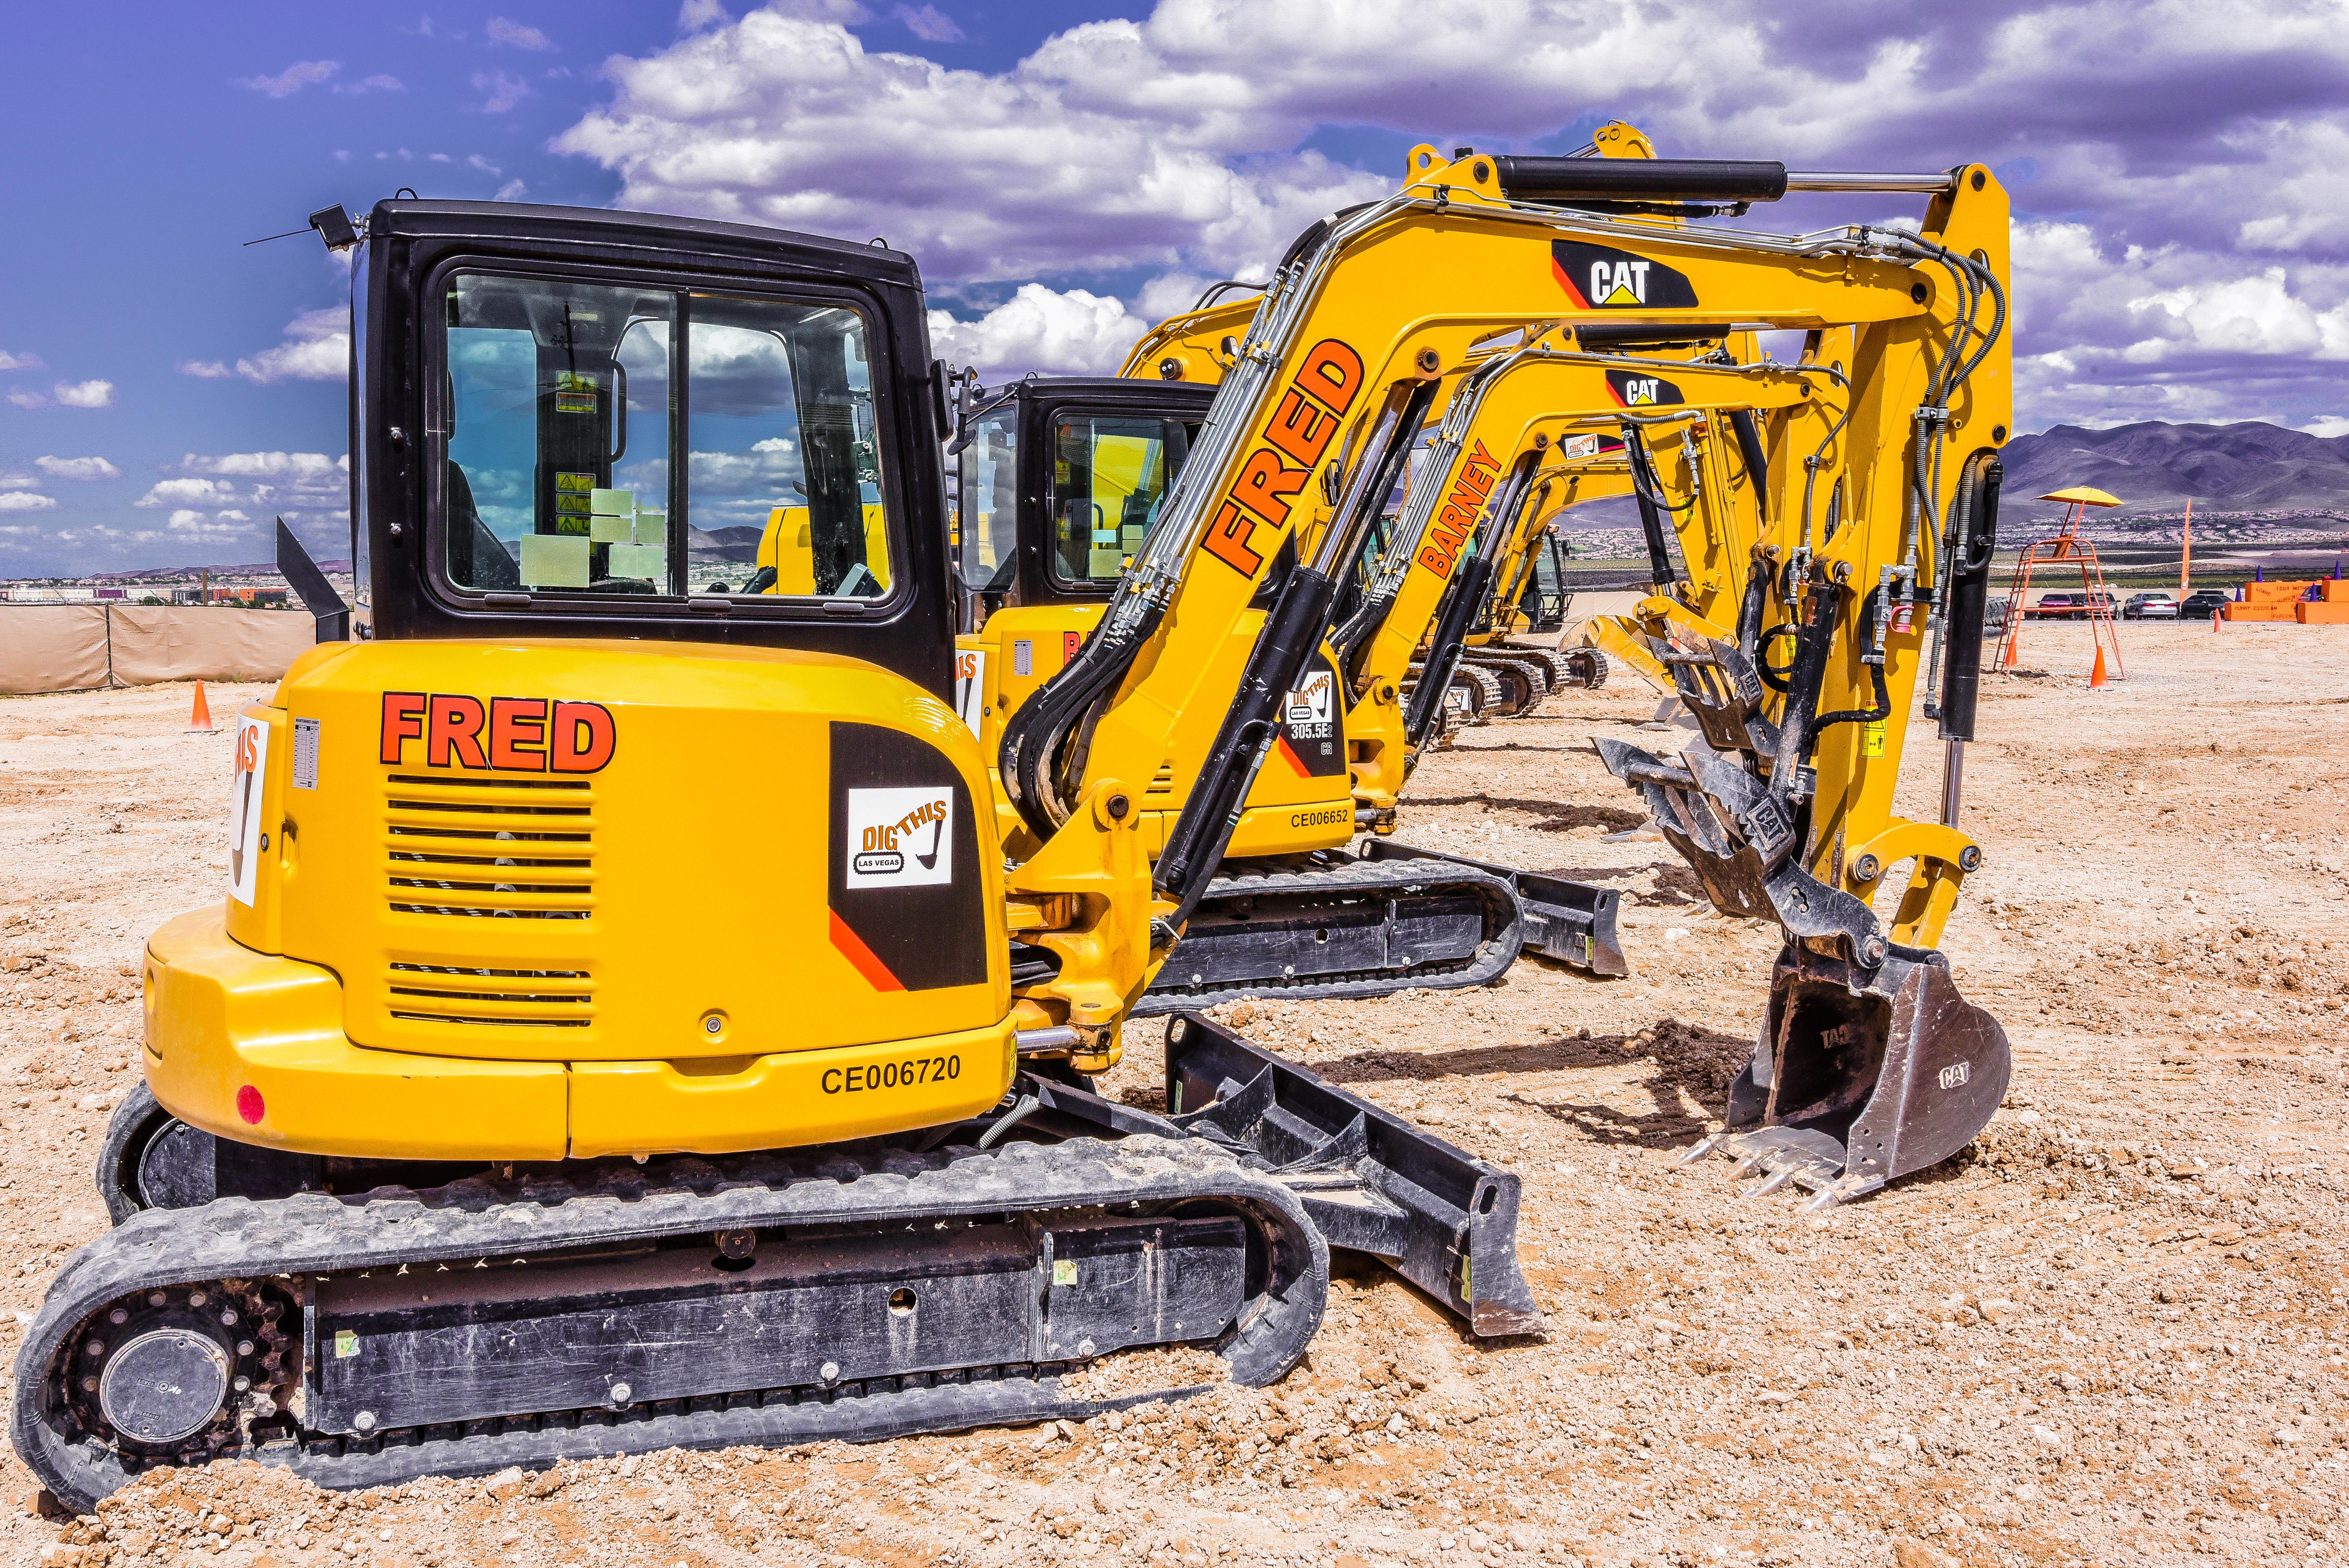 Dig This - Dig This Excavators